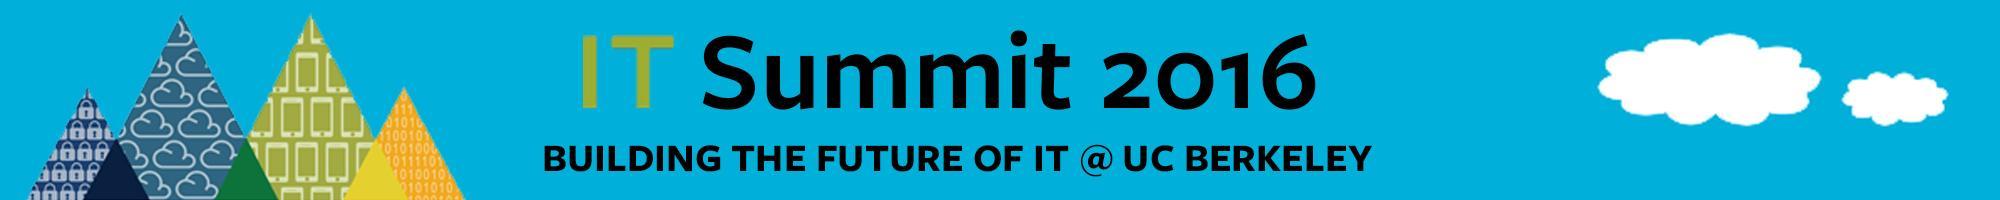 IT Summit header logo